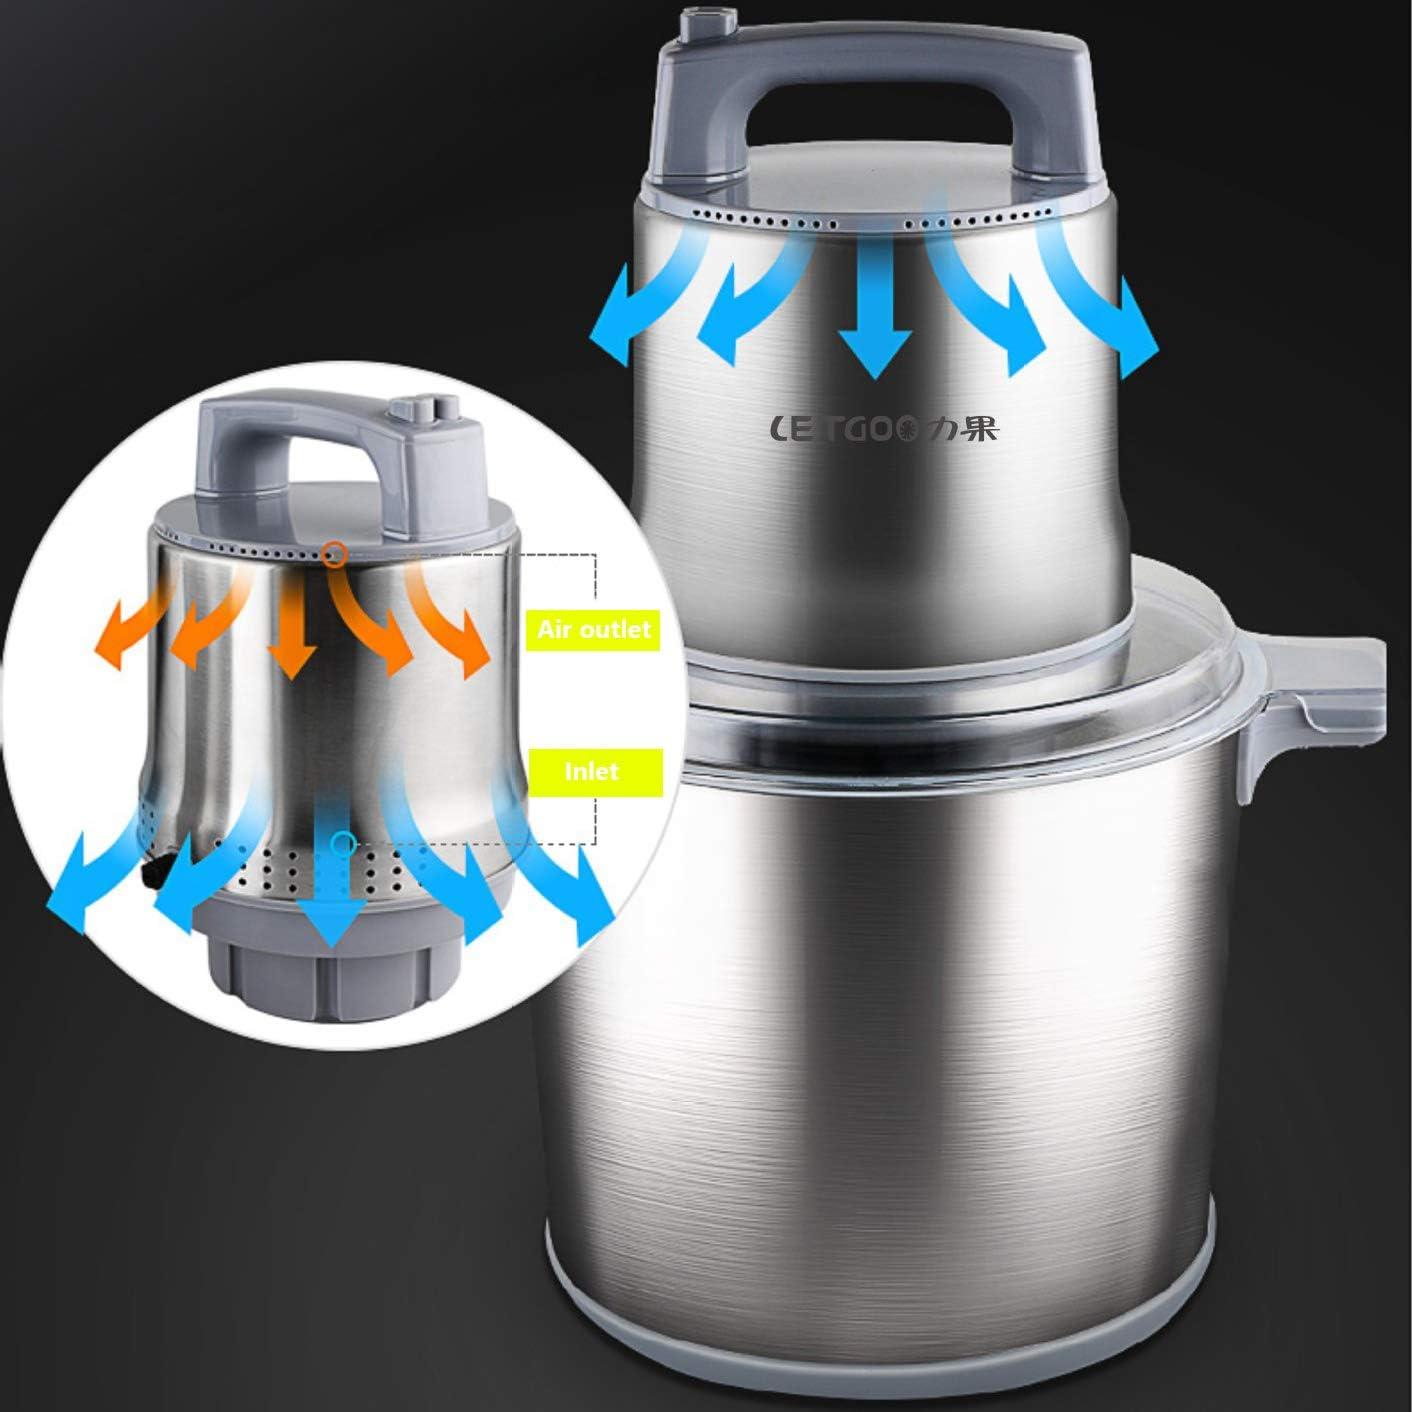 Amazon.com: Trituradora de alimentos eléctrica profesional ...